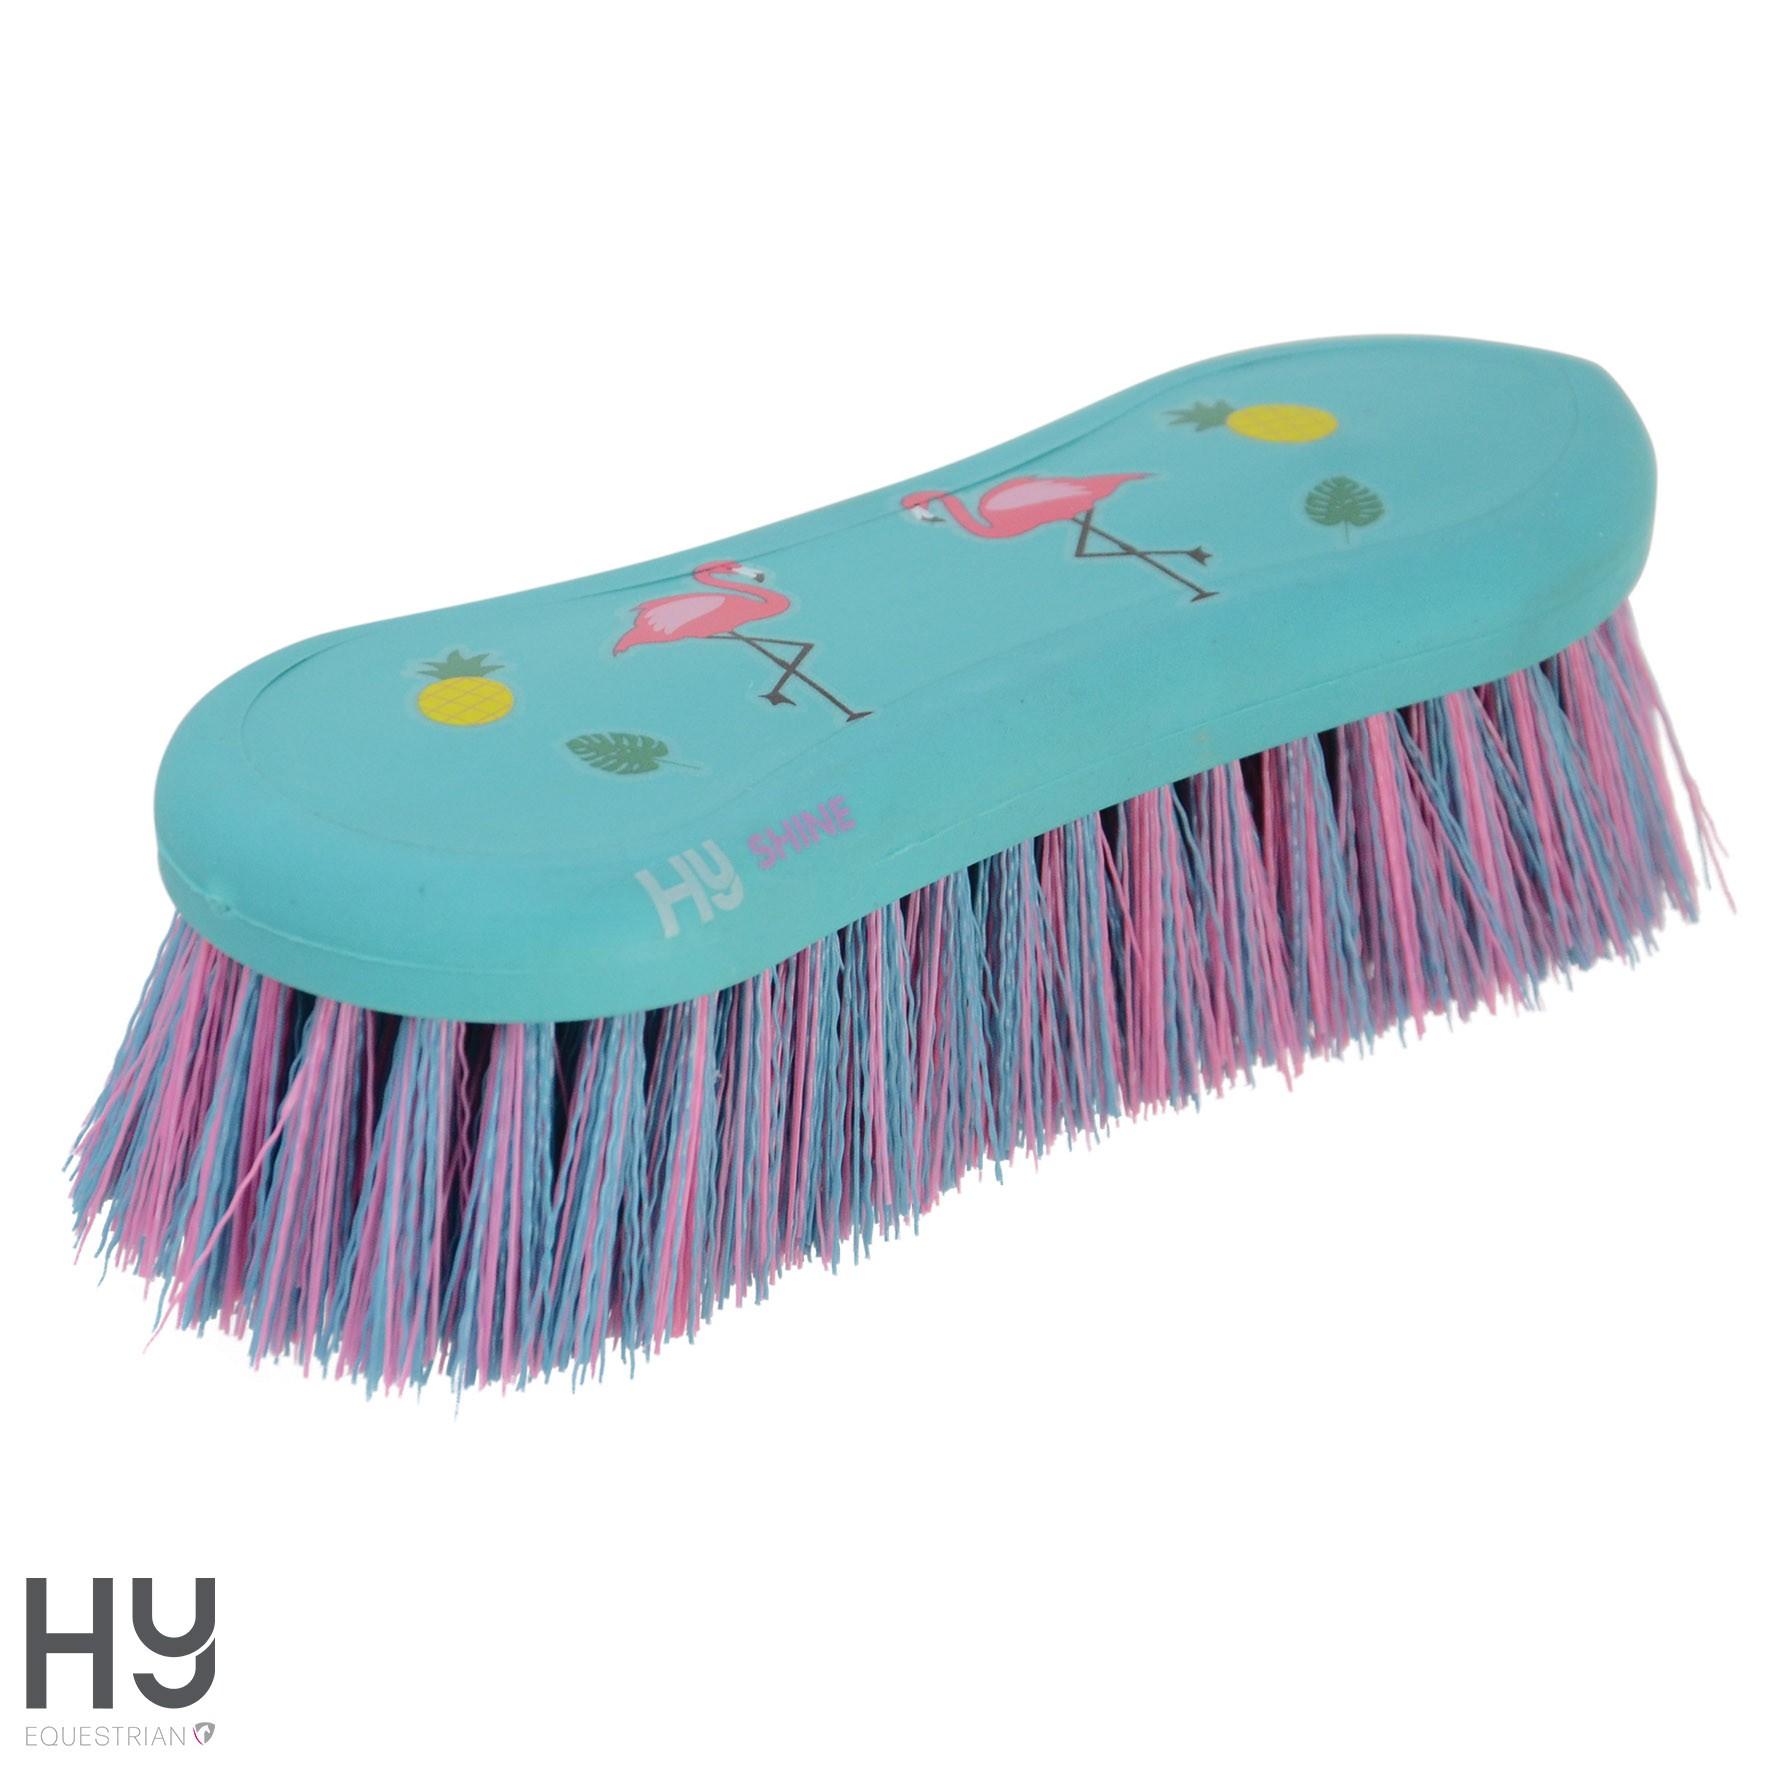 HySHINE Flamingo Dandy Brush